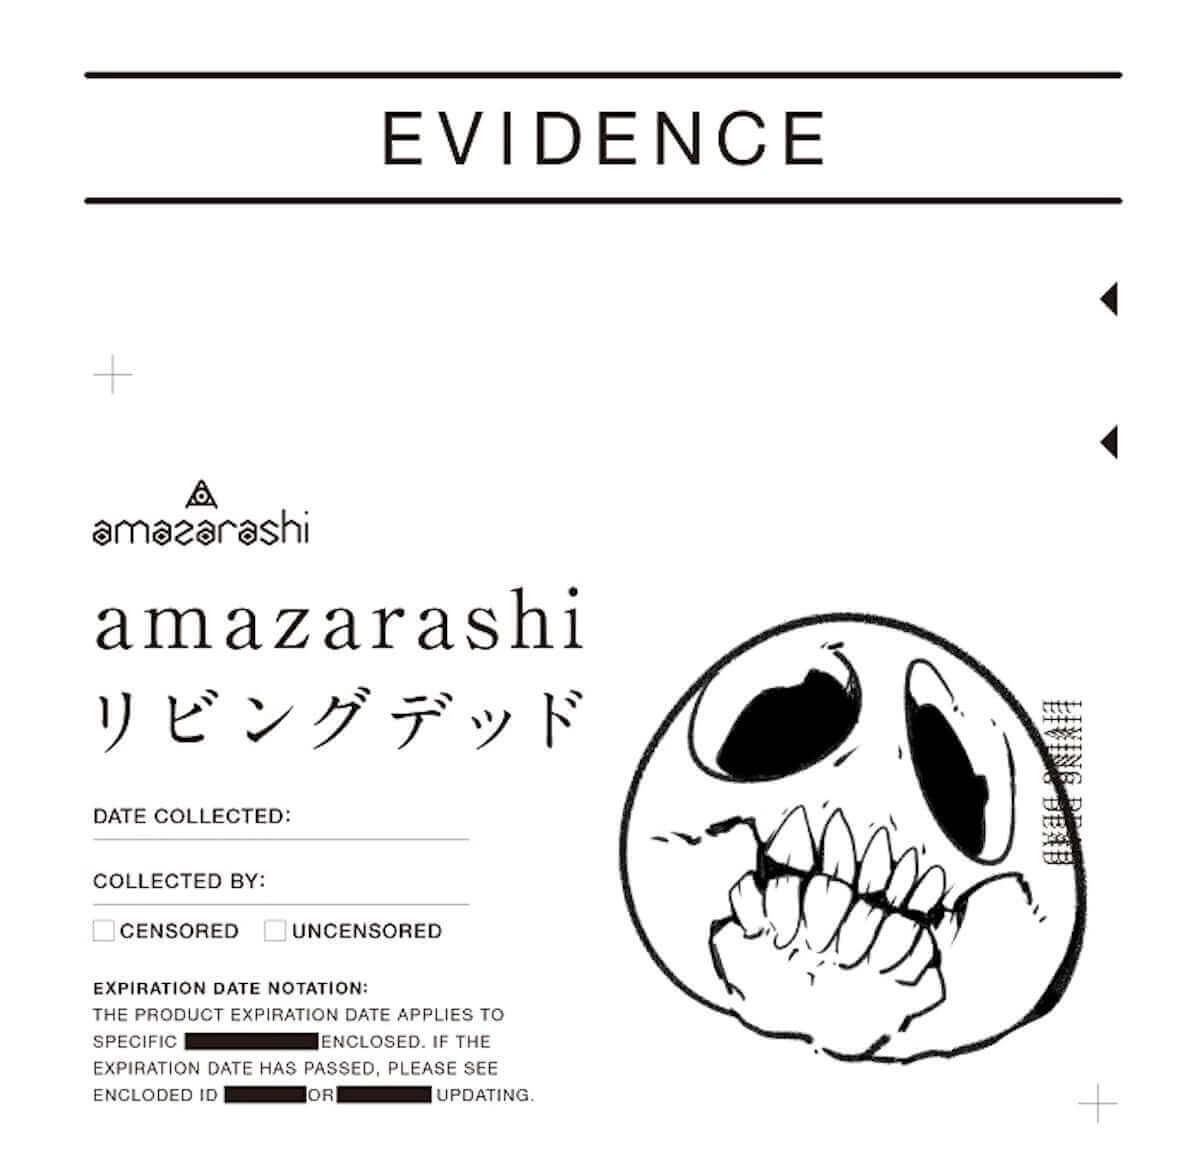 amazarashiが織りなす世界観。『新言語秩序』を通して伝える新たなコミュニケーションのあり方 music181110_amazarashi__limited-1200x1173